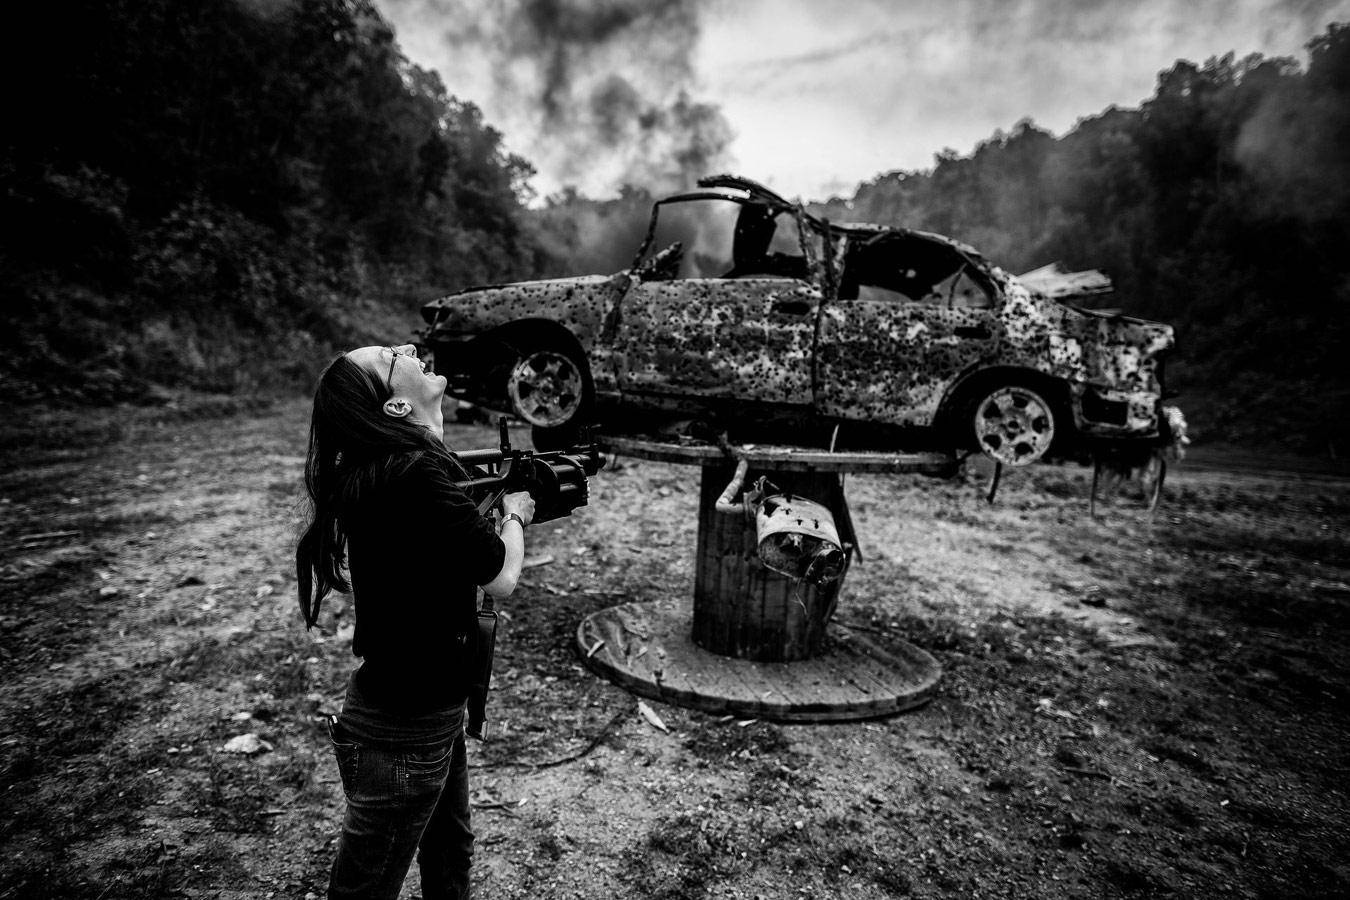 М. Скотт Макаски, США / M. Scott Mahaskey, USA, 3-е место в категории «Фотоистория», Фотоконкурс Siena International Photography Awards